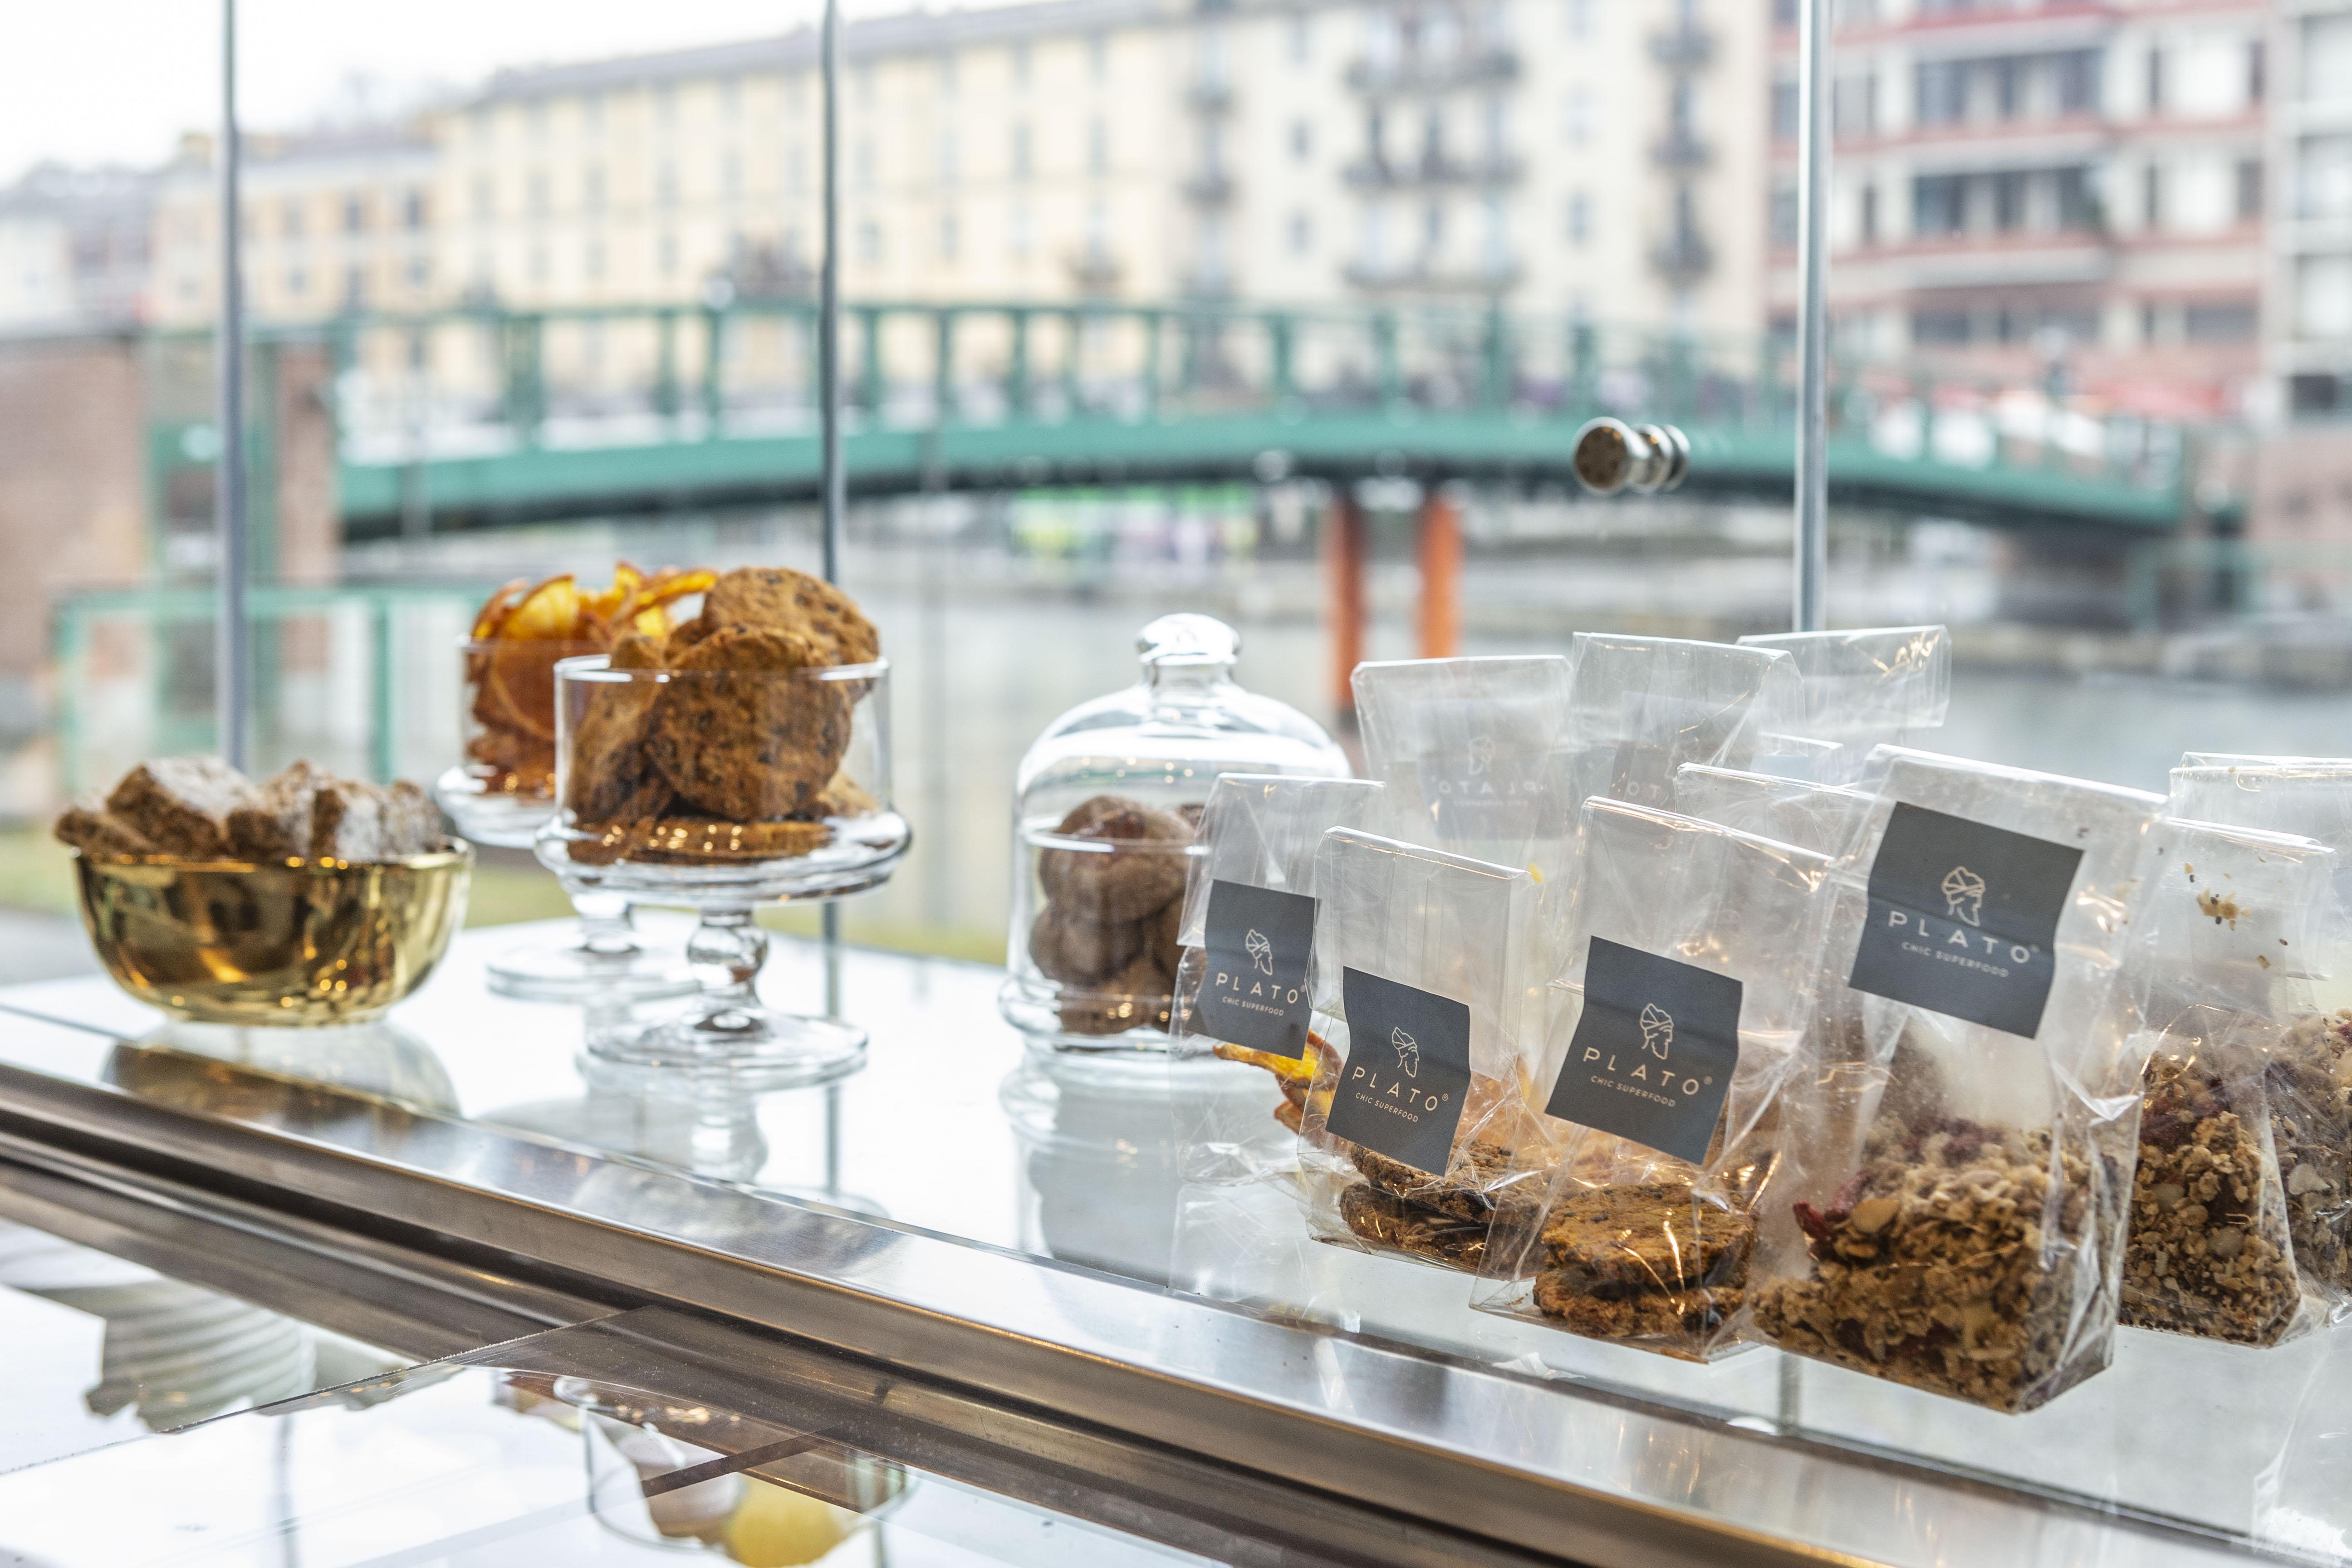 Plato si fa in due! Il chiosco in Darsena Gabriele D'Annunzio è il top dello street food a Milano!